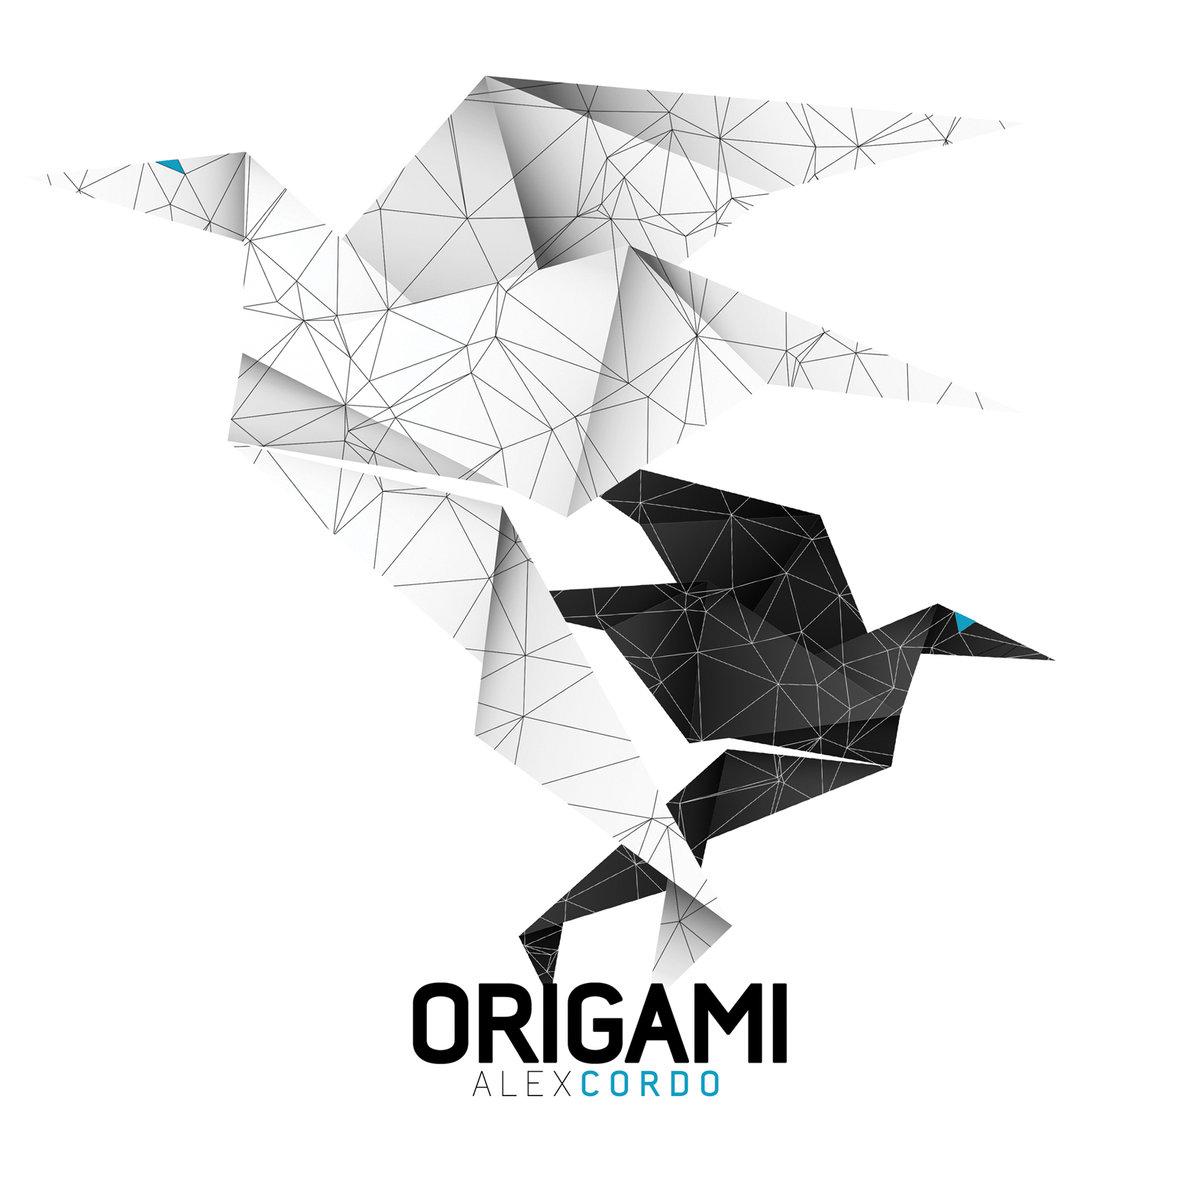 Alex Cordo: Origami